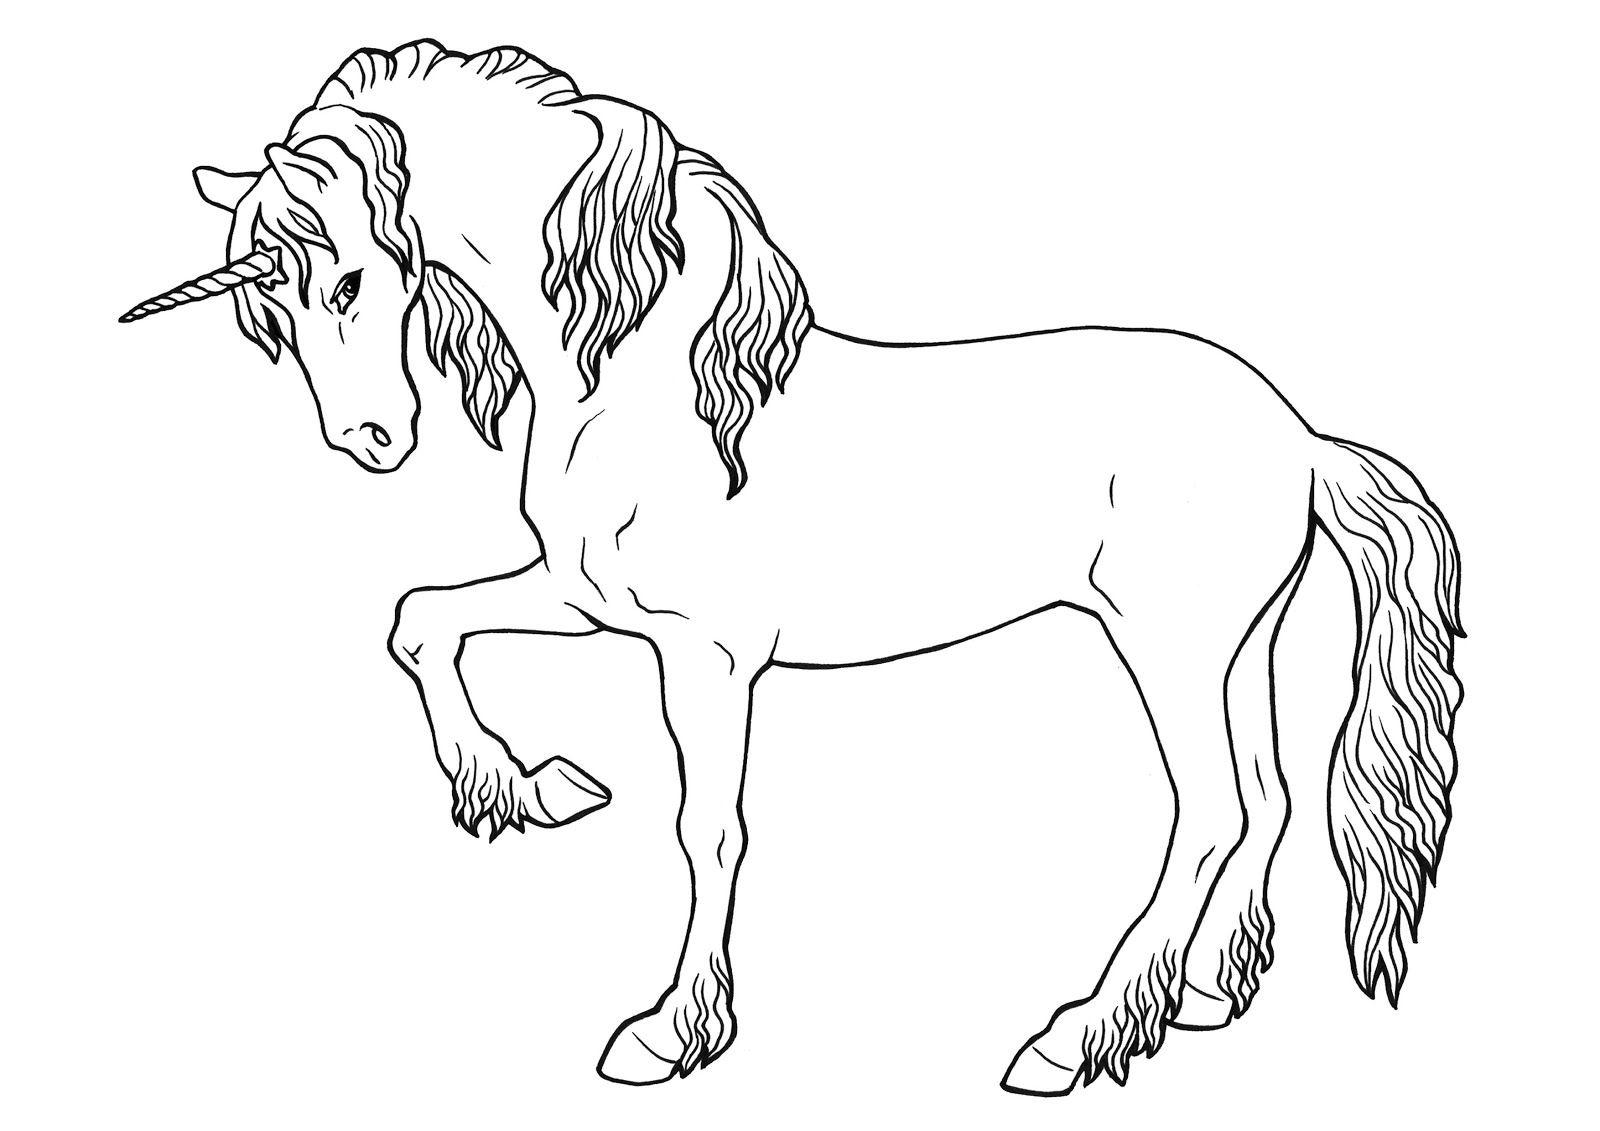 Ausmalbilder Einhorn Einhorn Zum Ausmalen Einhorn Zum Ausmalen Ausmalbilder Einhorn Ausmalbilder Pferde